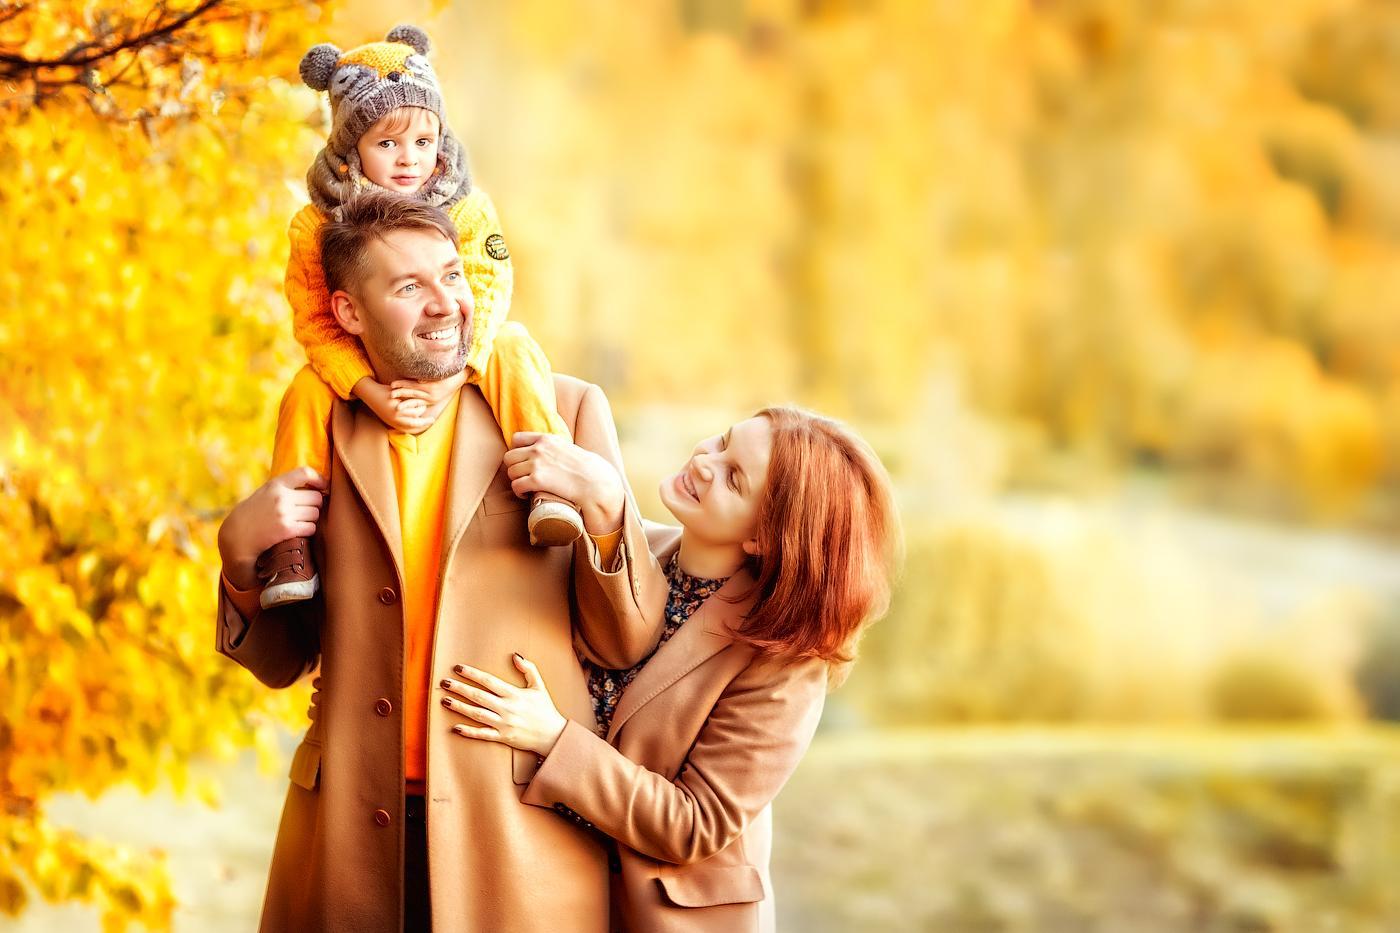 Осенняя семейная фотосессия на природе   фото идеи (6)